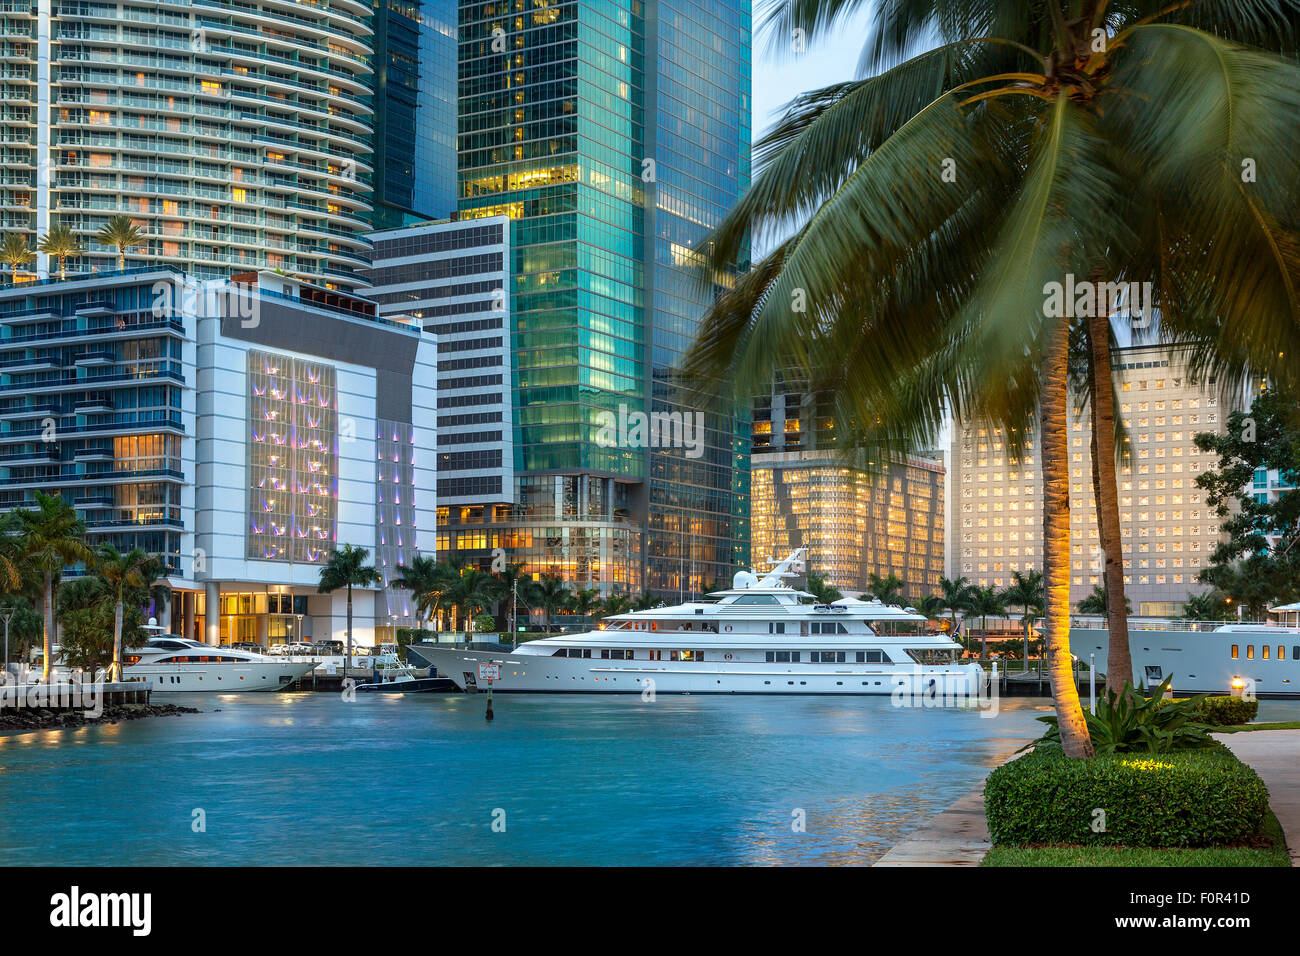 Centro de Miami, Brickell Key en la noche Imagen De Stock